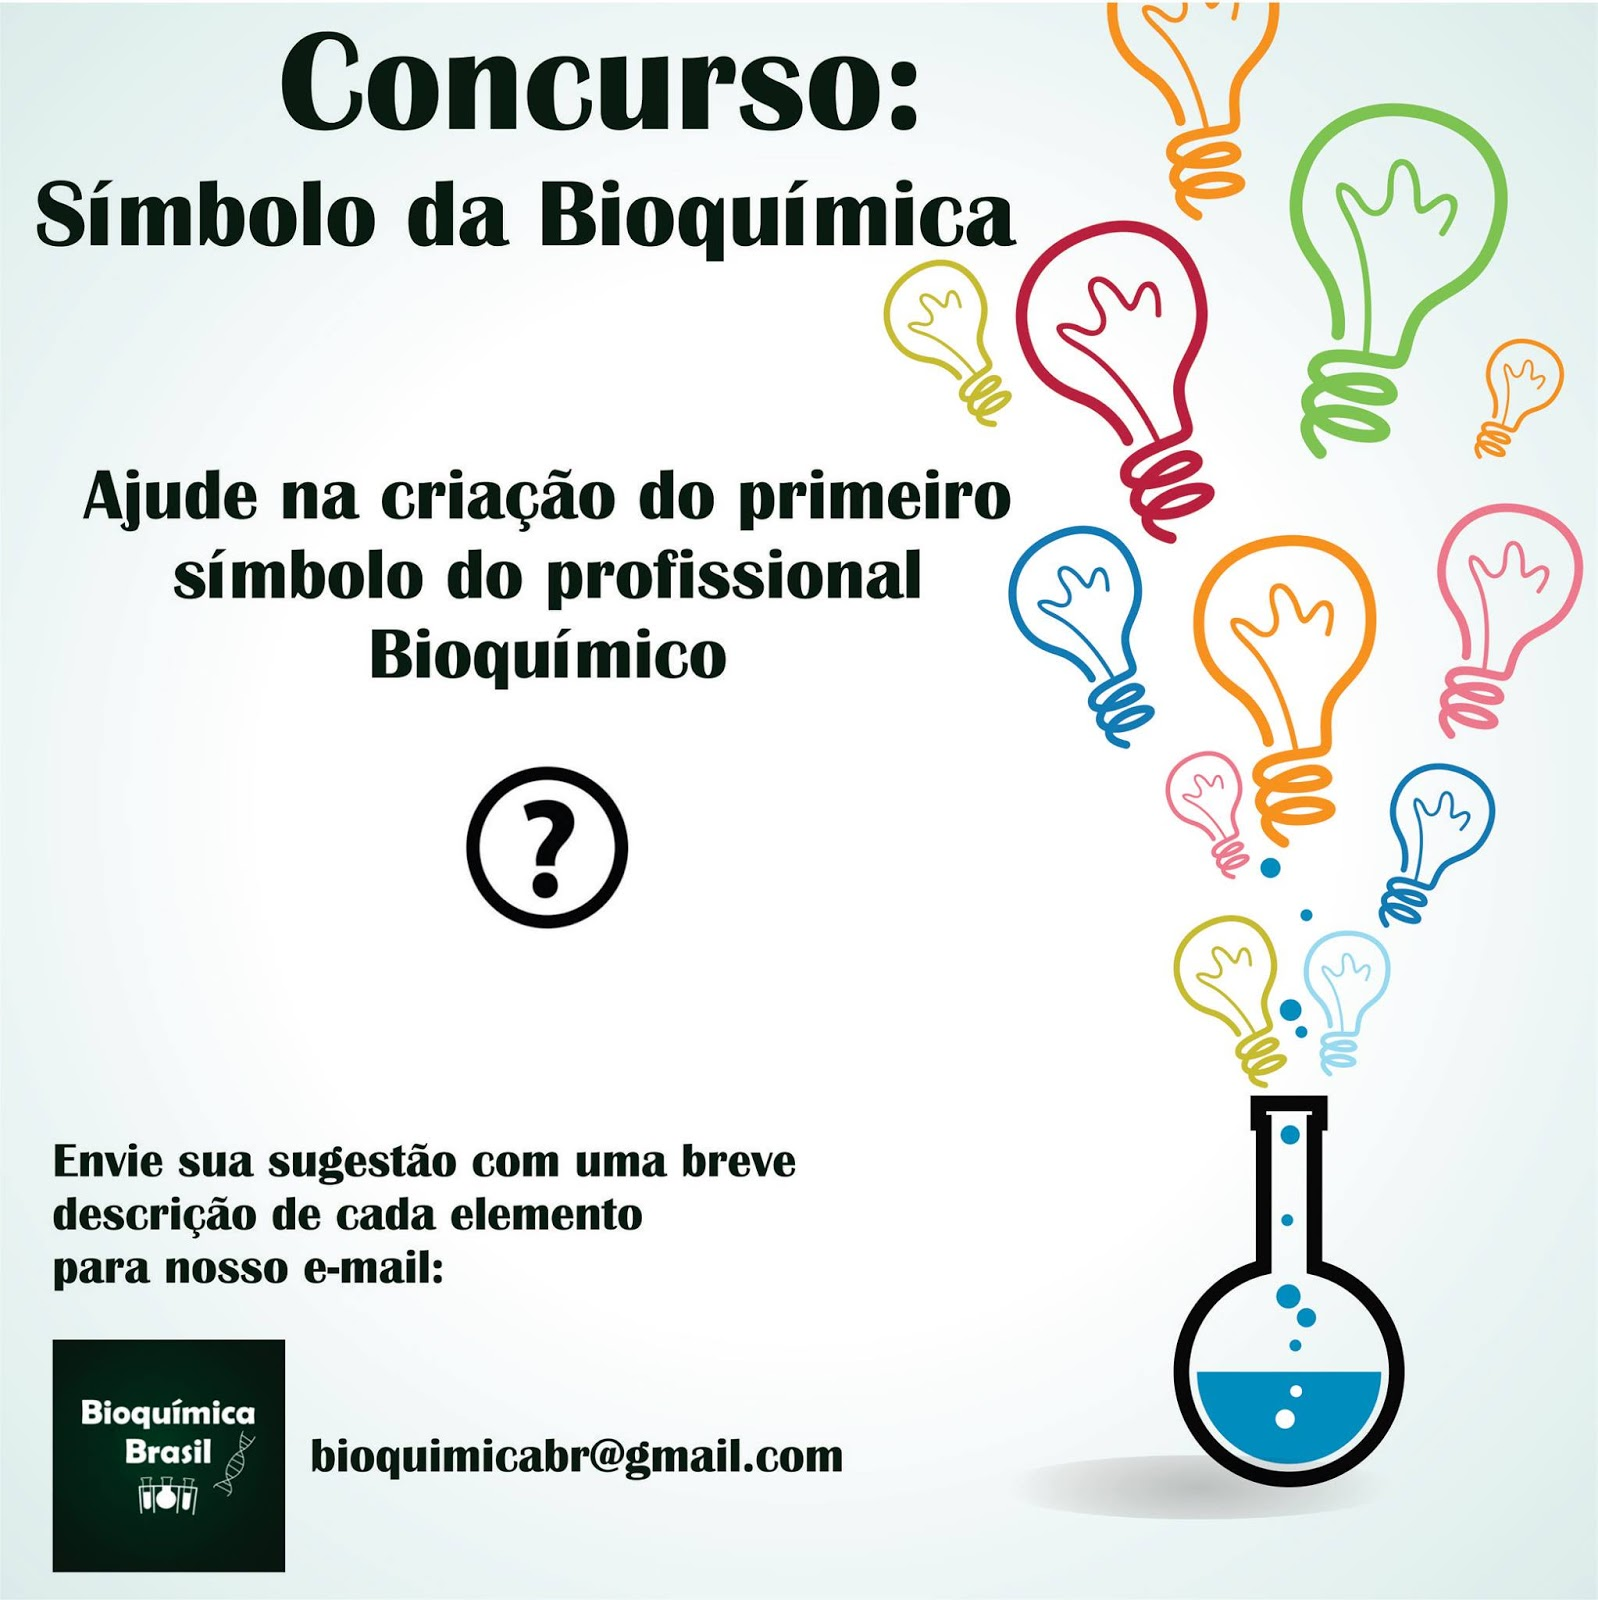 Concurso smbolo da bioqumica bioqumica brasil qual smbolo identificaria o bioqumico o vencedor escolhido pelo seu voto ser premiado com o livro bioqumica campbell farrell lanado esse ccuart Images